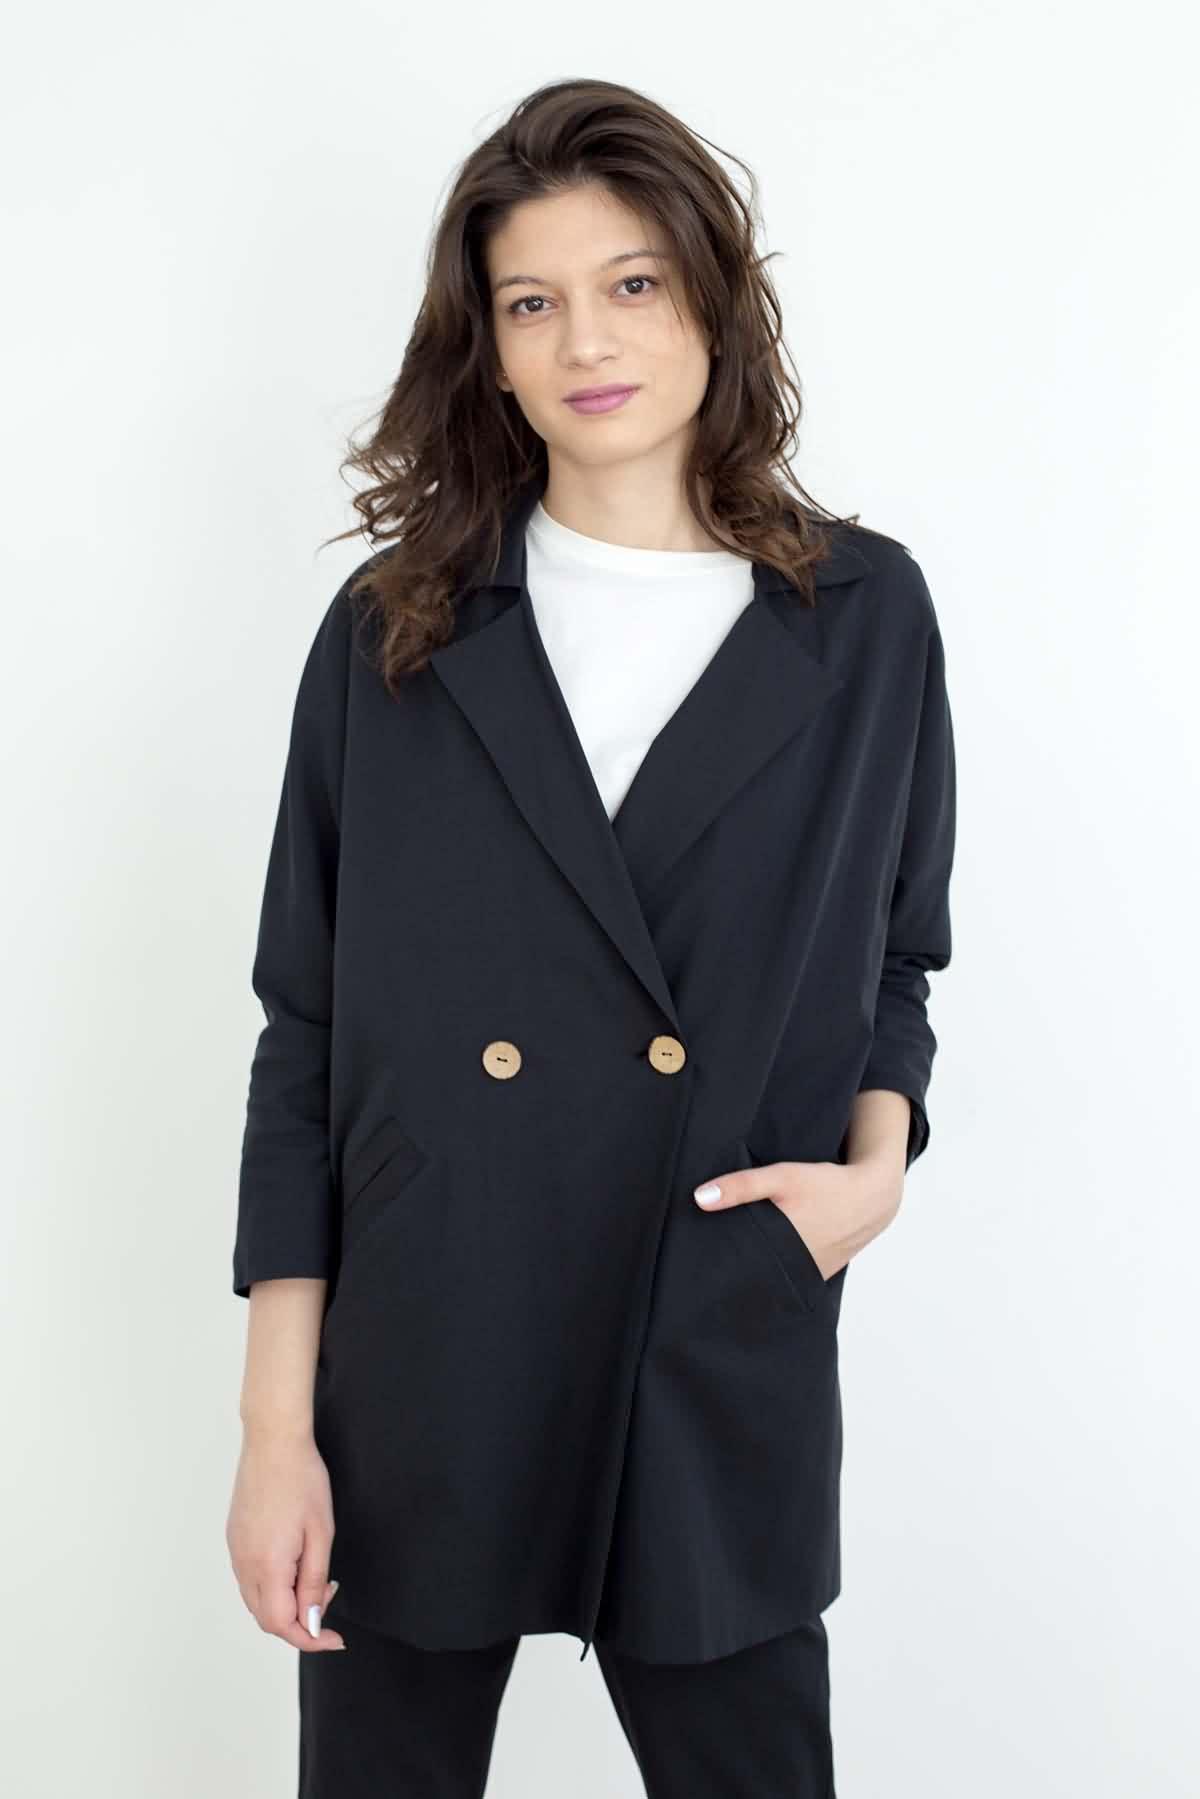 Mevra - Blazer Ceket Siyah